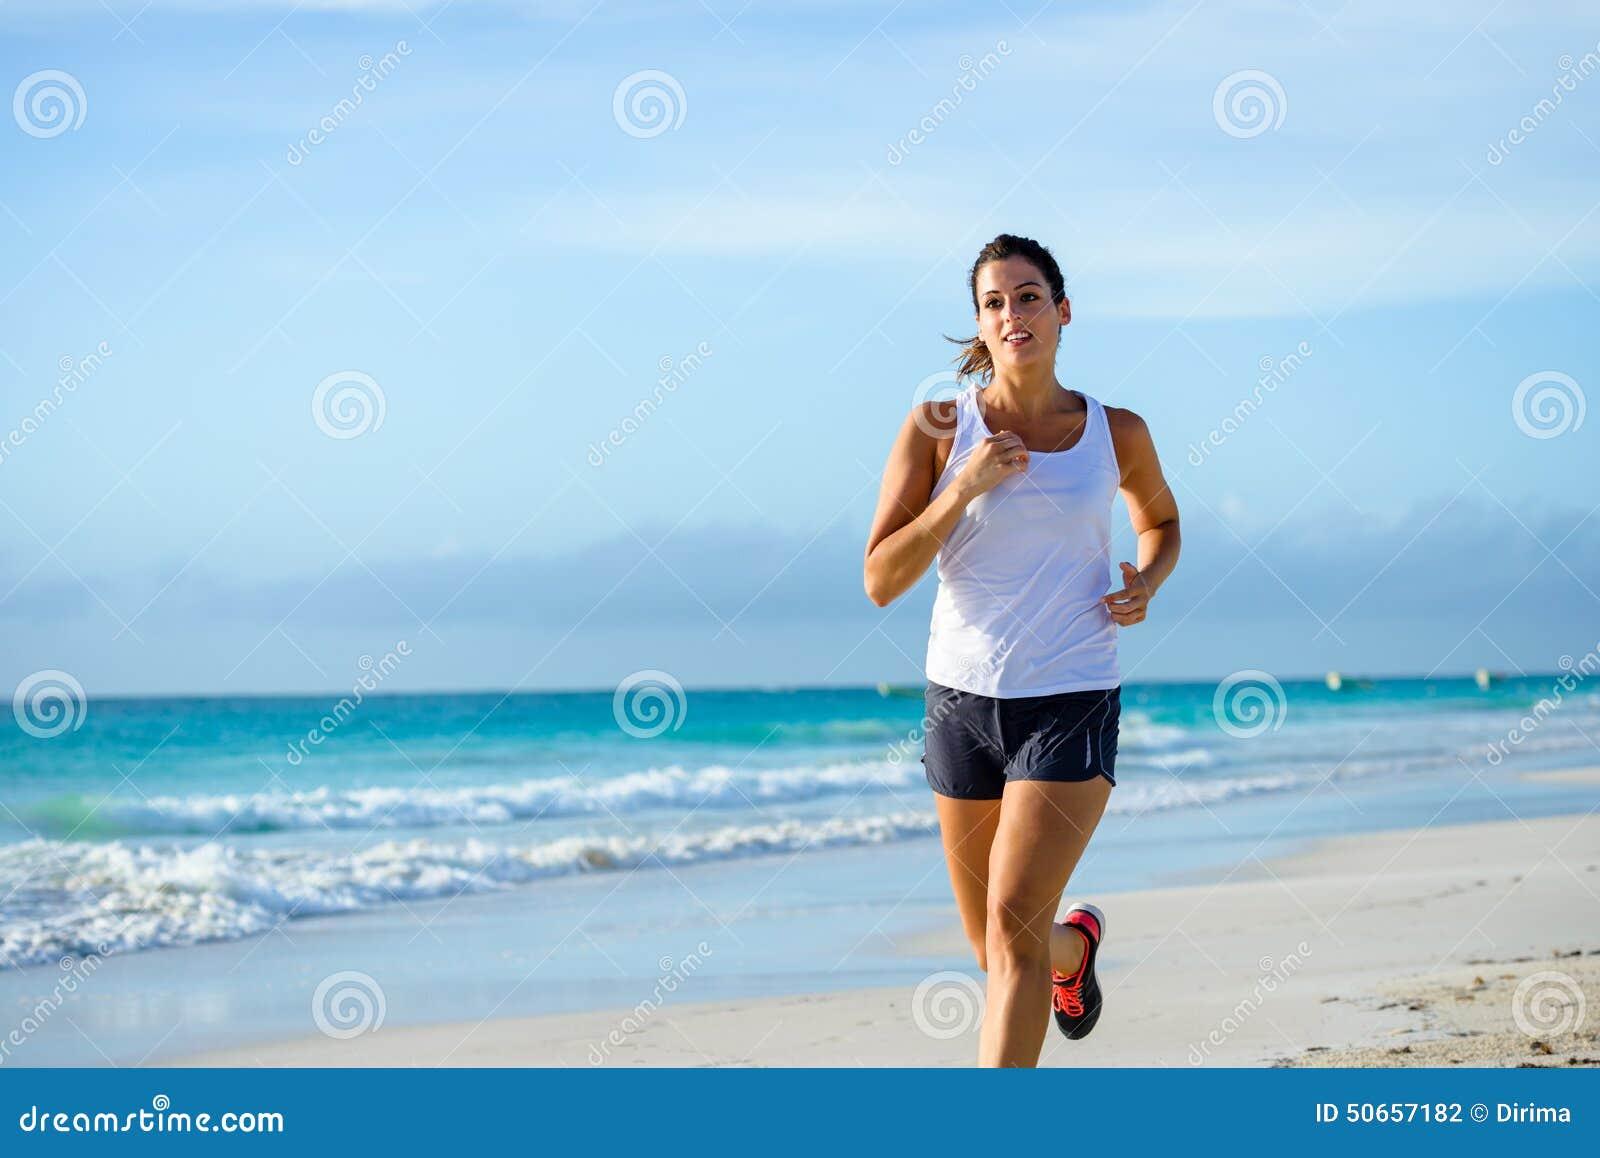 Sportliche Frau, die am tropischen Strand läuft